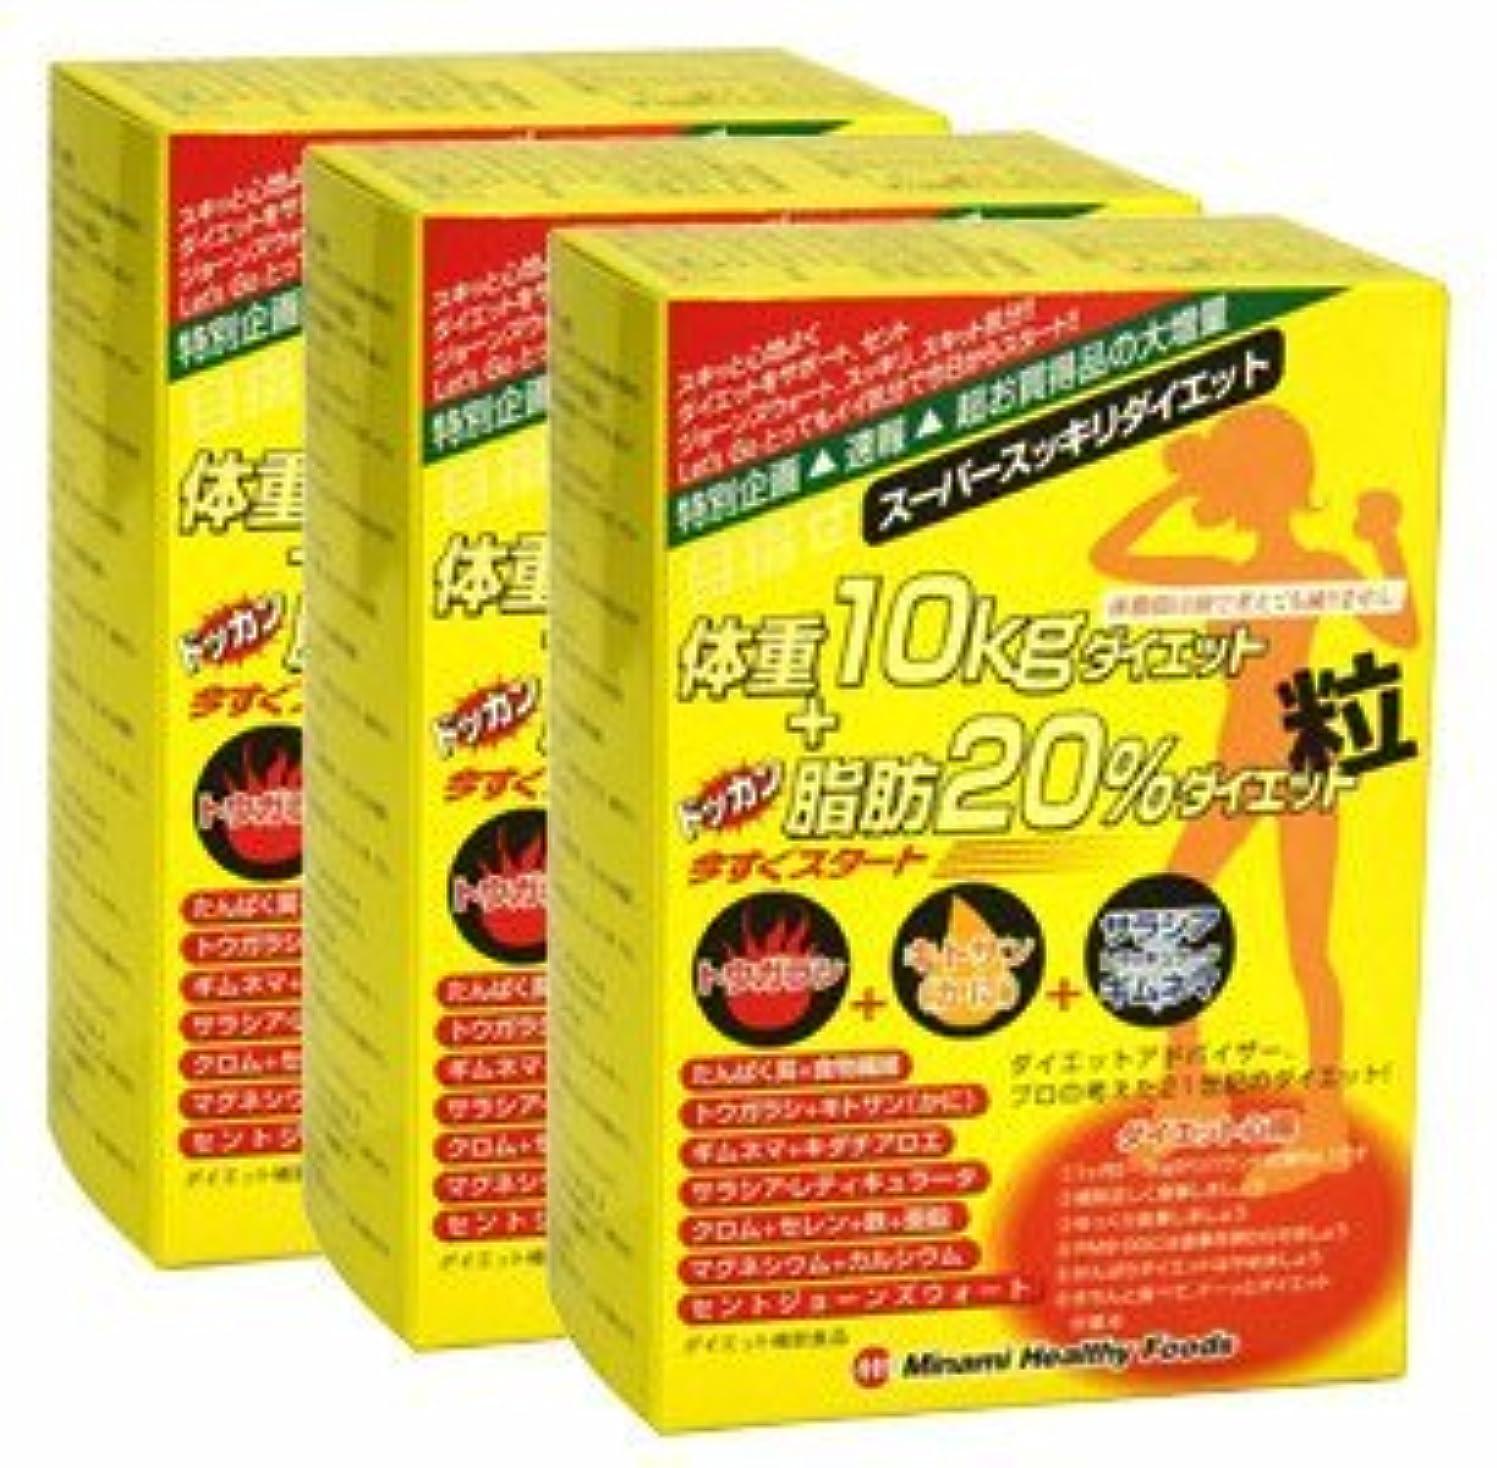 独占予感寓話目指せ体重10kg+ドッカン脂肪20%ダイエット粒【3箱セット】ミナミヘルシーフーズ